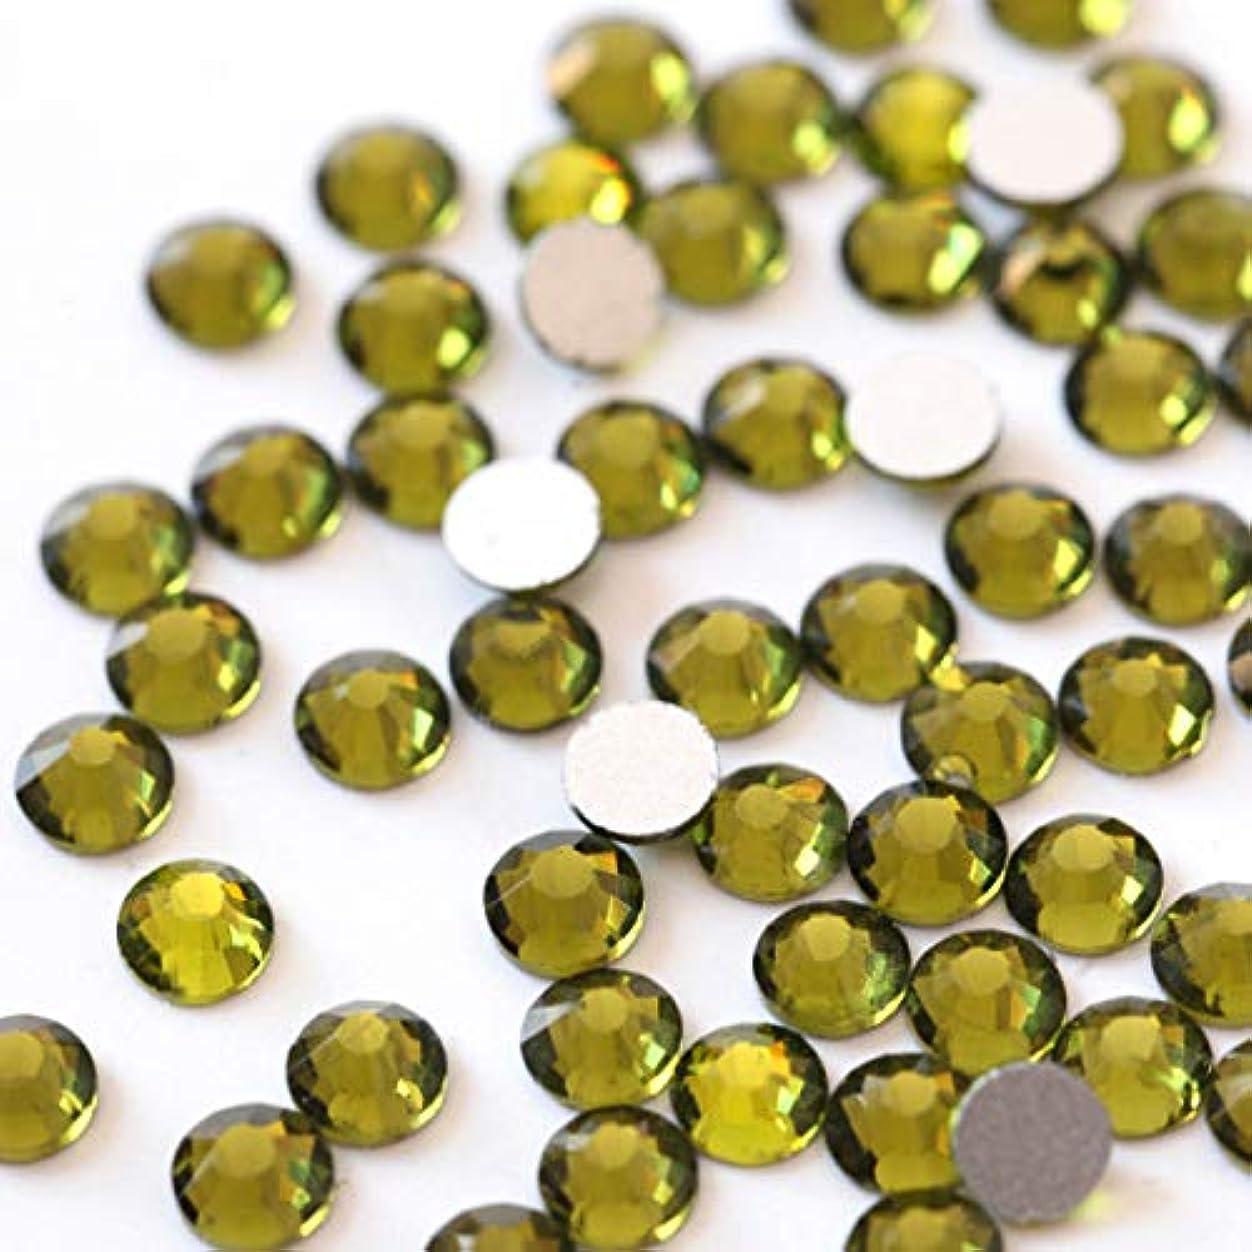 ホスト典型的な興奮【ラインストーン77】高品質ガラス製ラインストーン オリーブ(1.9mm (SS6) 約200粒)